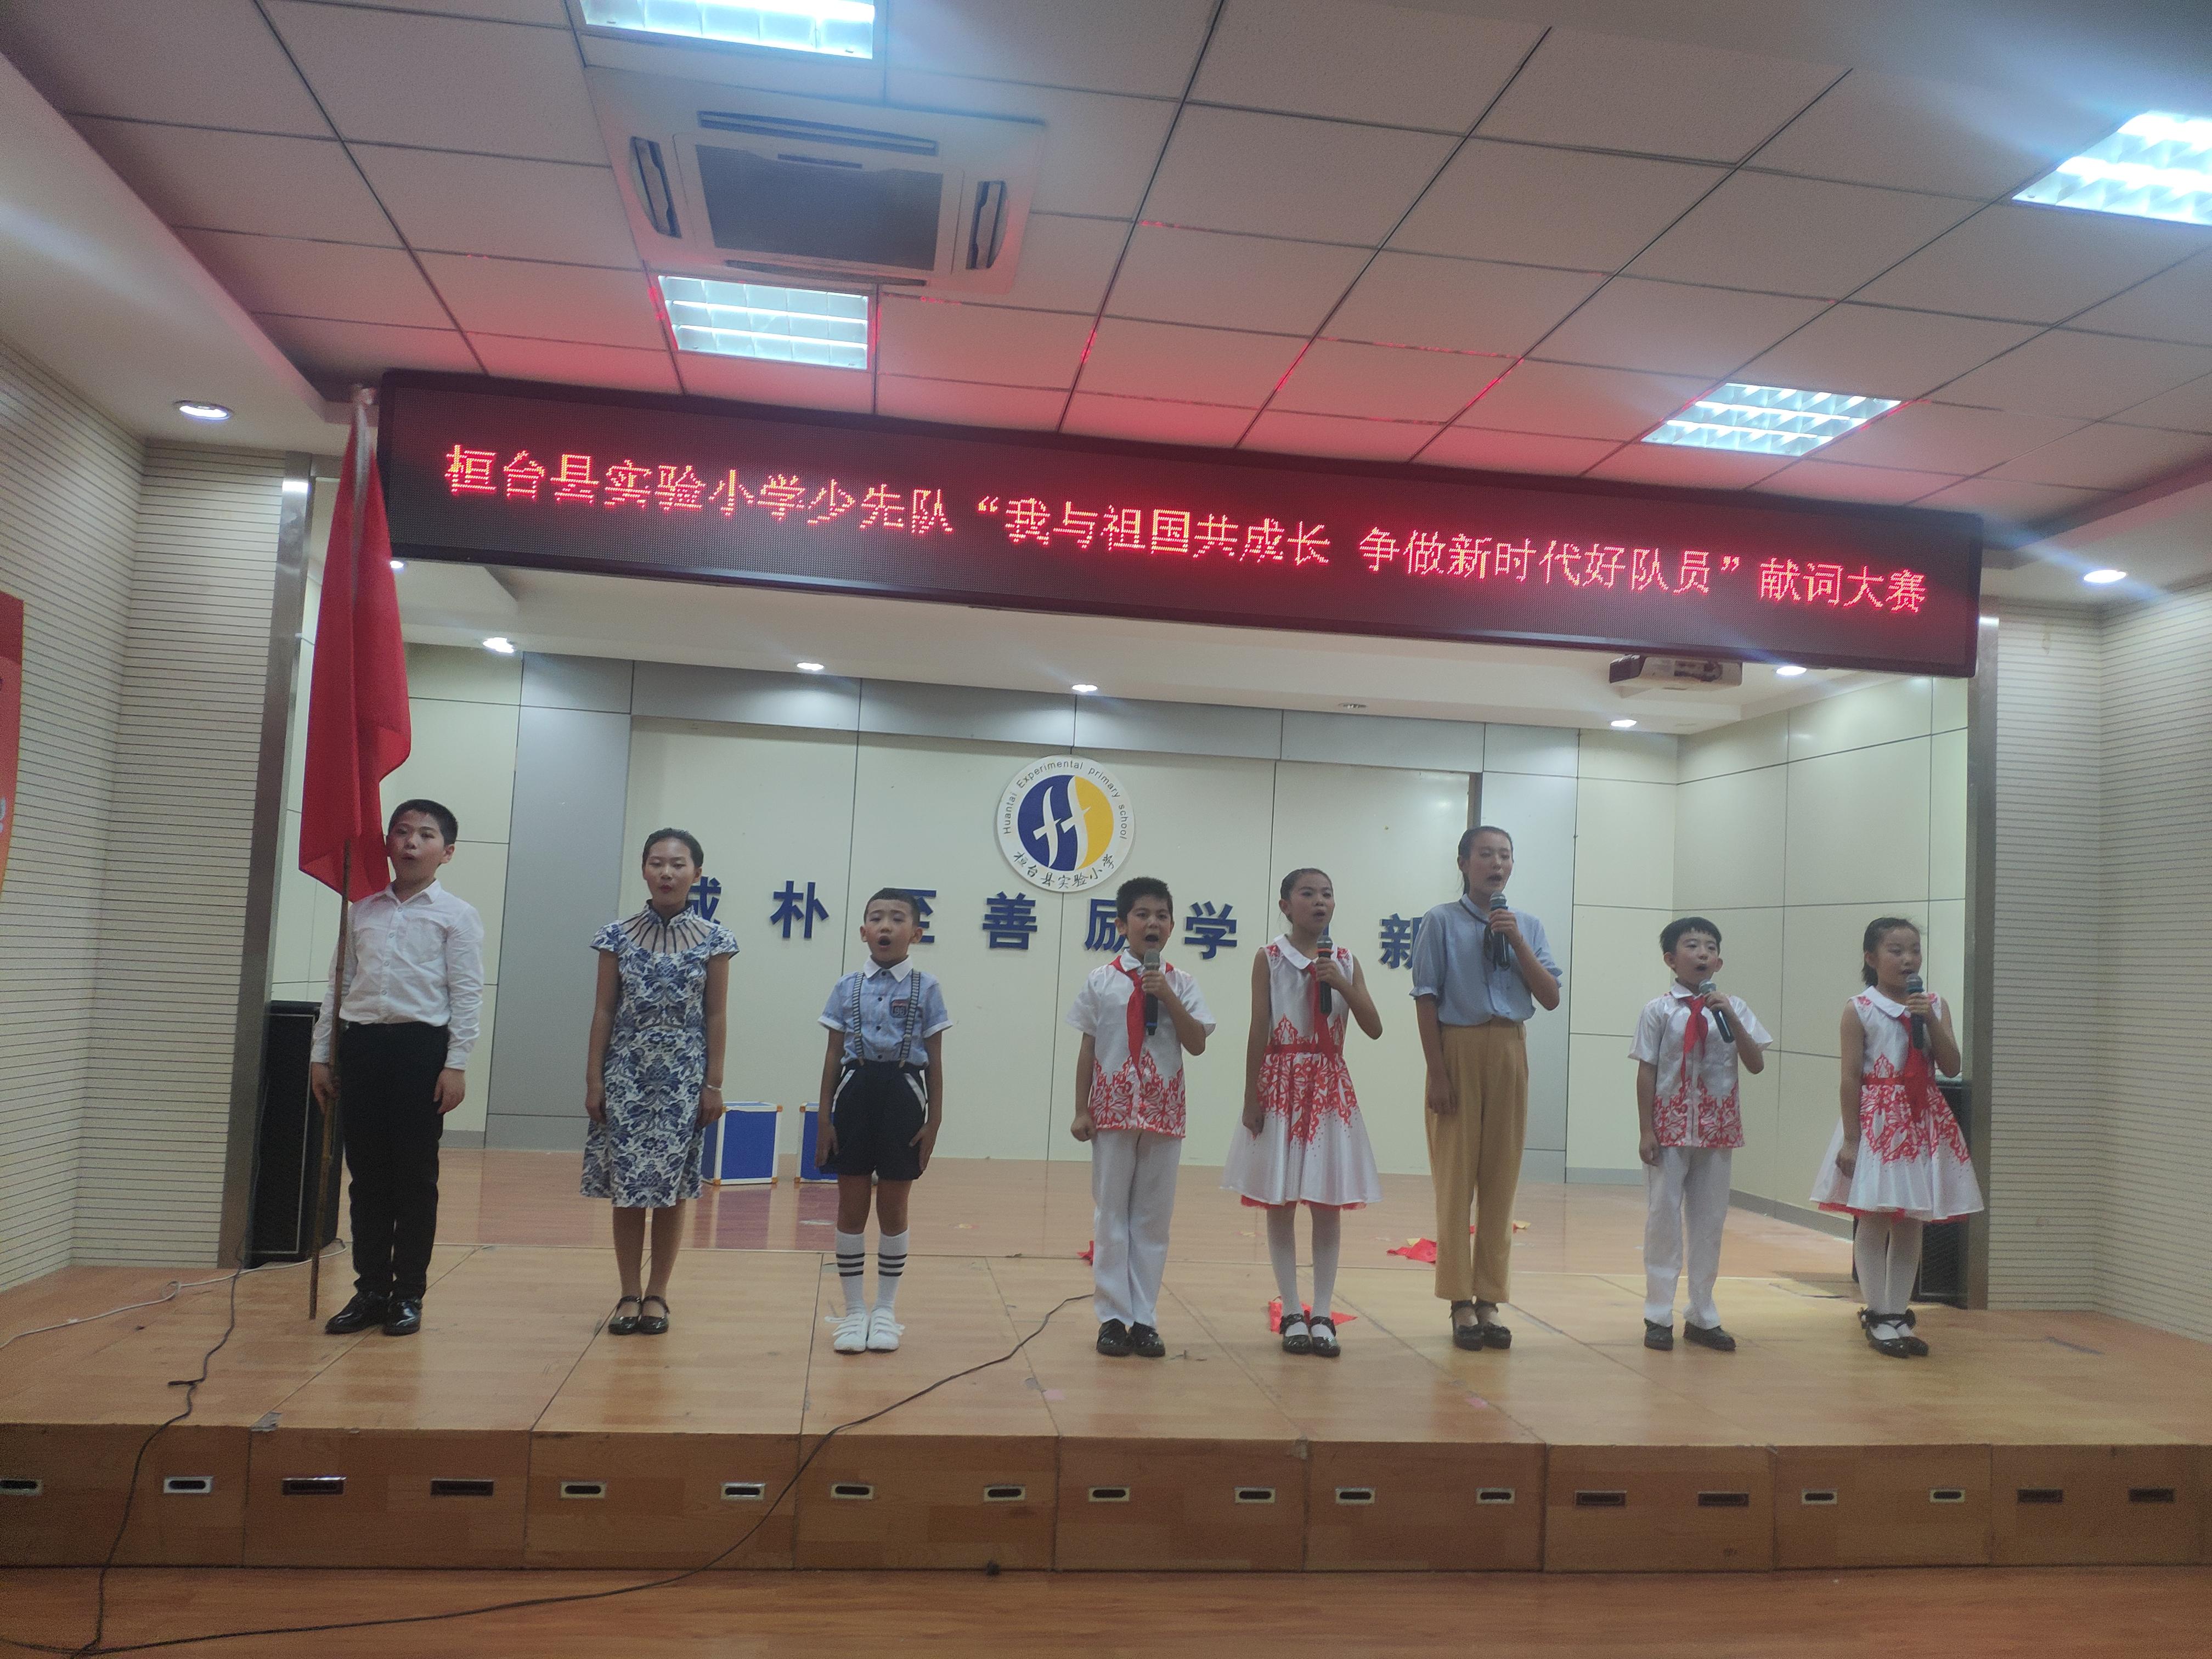 """淄博市桓台县实验小学举行""""我与祖国共成长,争做新时代好队员""""少先队献词比赛"""